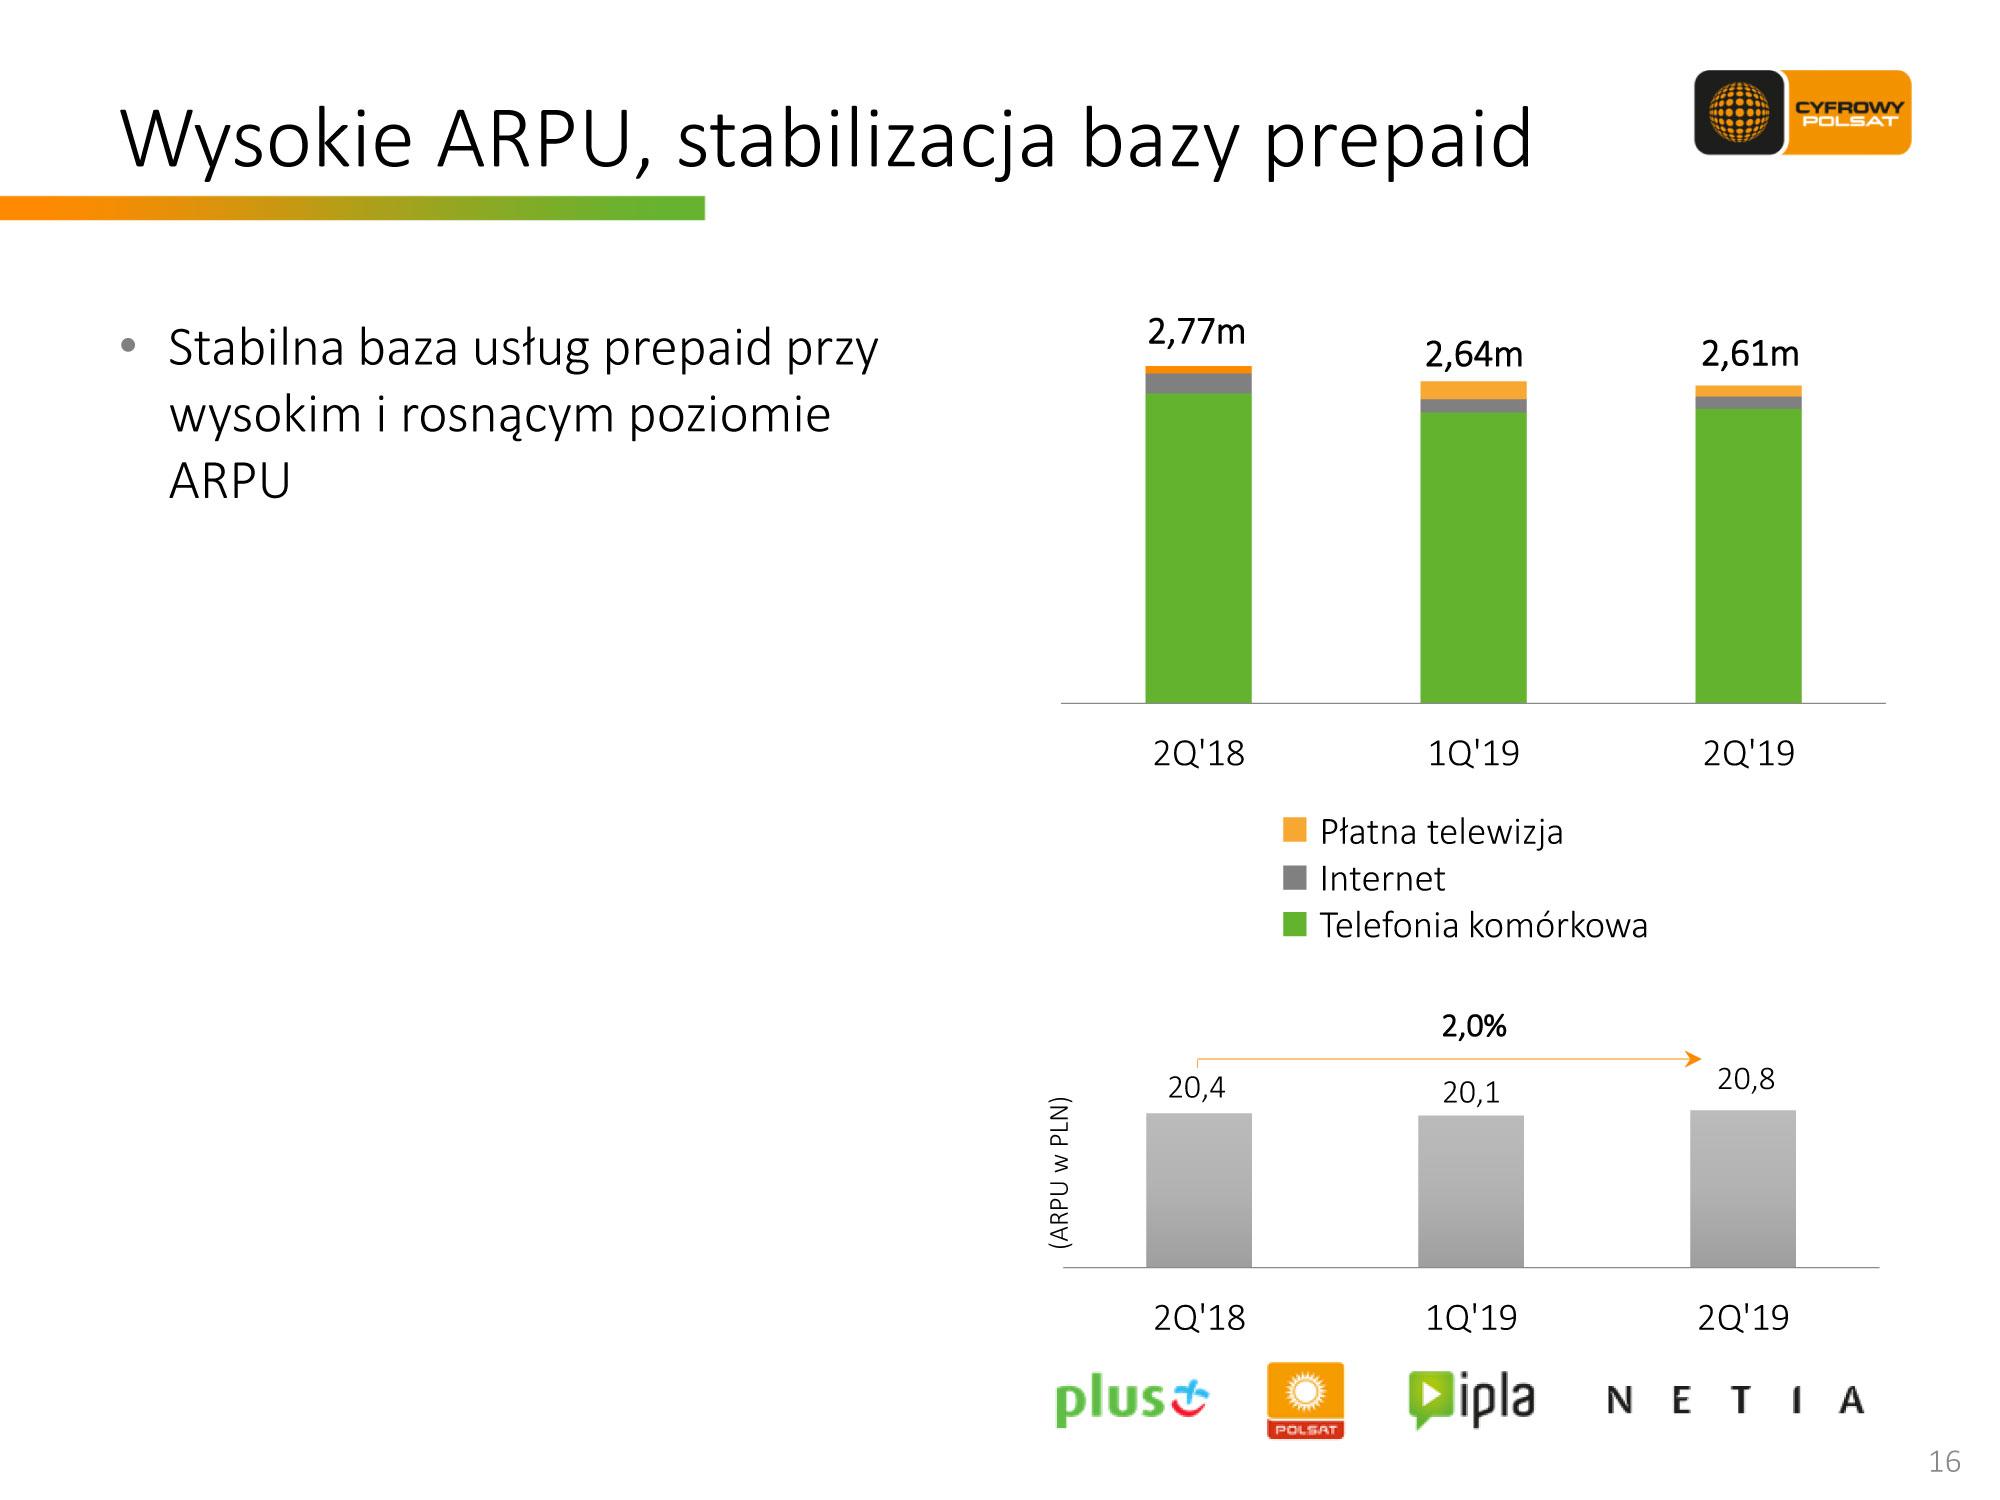 Wyniki Grupy CP w II kw. 2019 r.